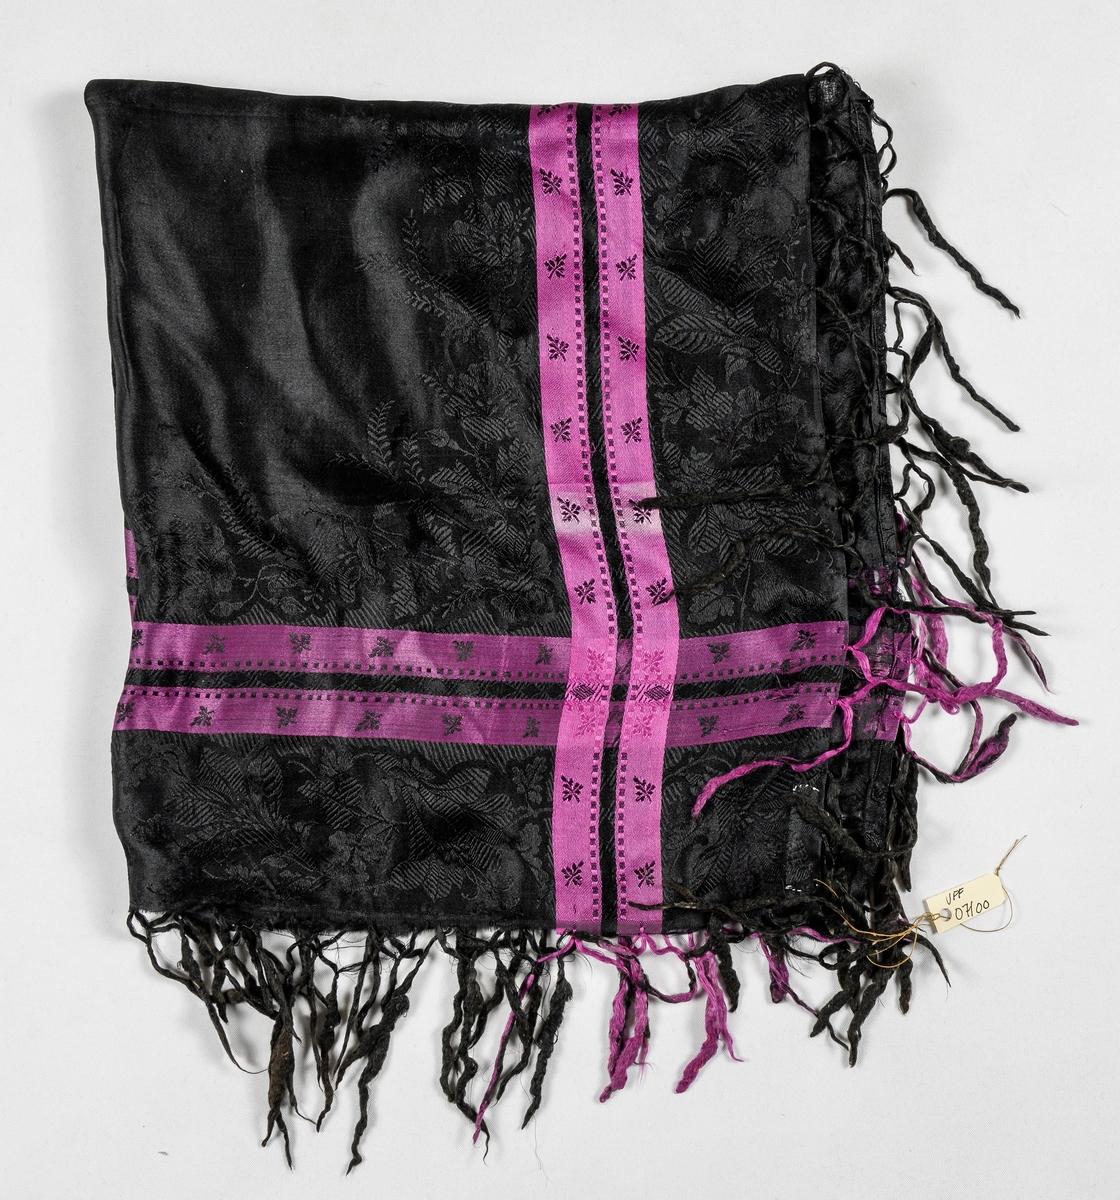 Tørkle i silkedamask i svart med svart og rosa. Påsette silkefrynser.